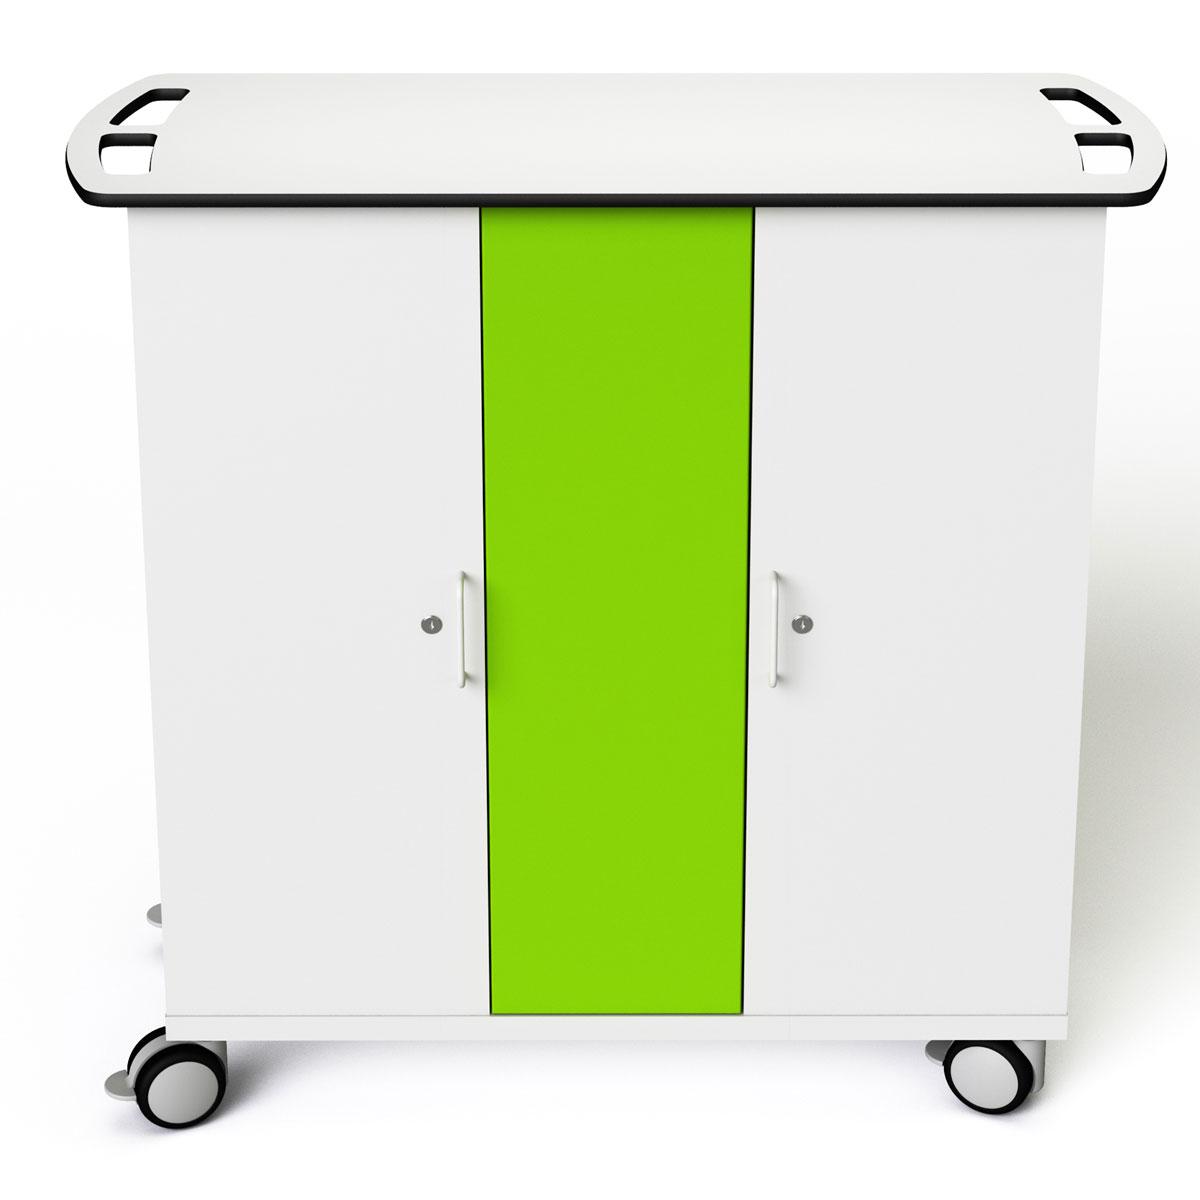 Laddvagn 40 surfplattor zioxi - iPadförvaring